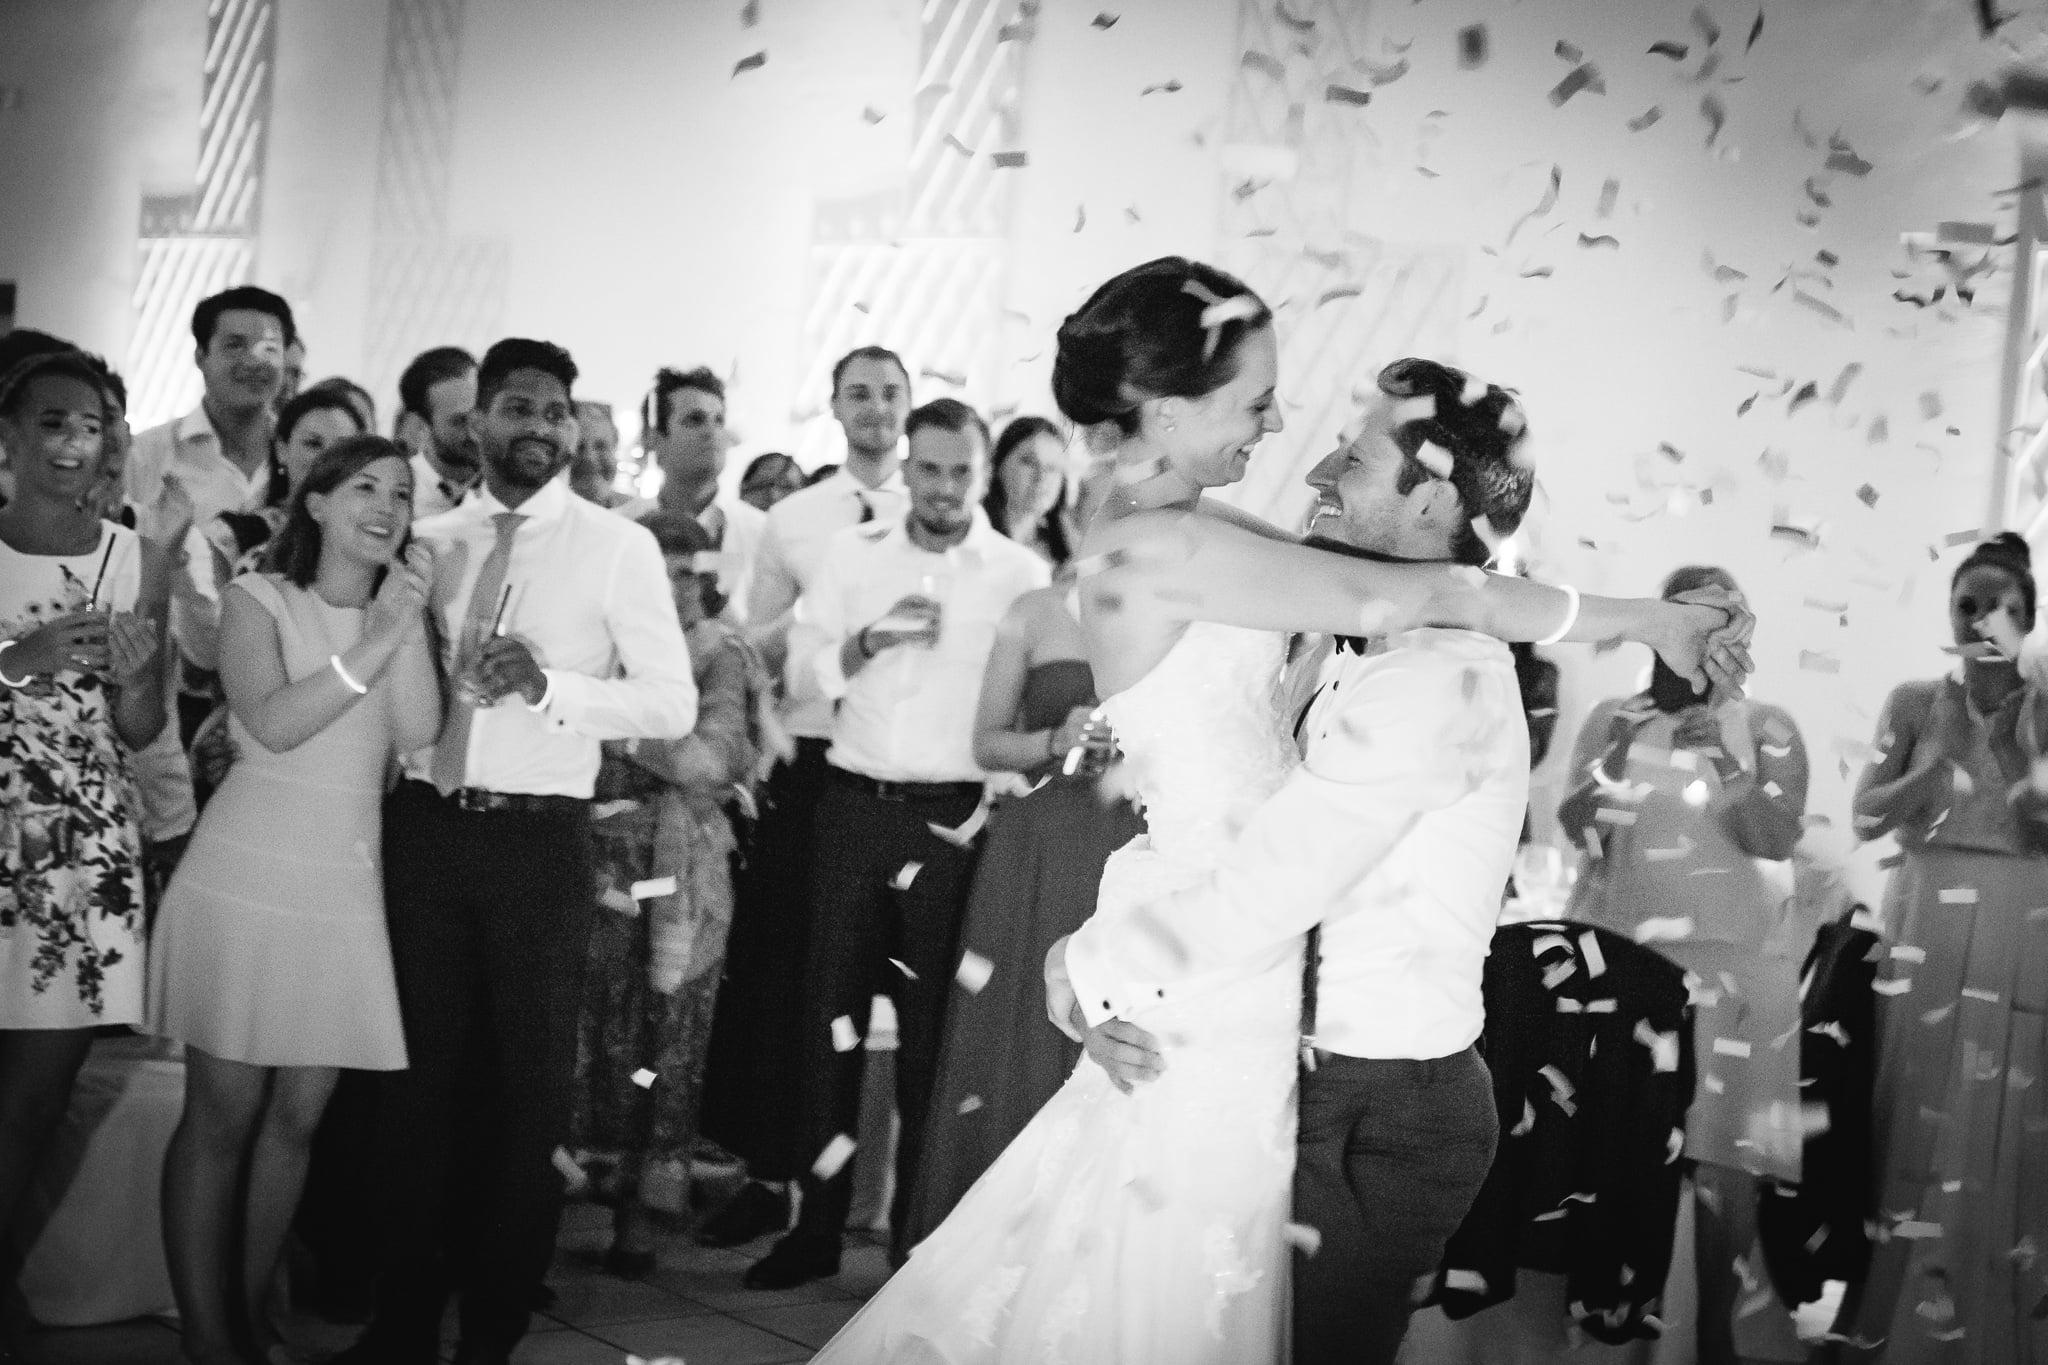 Brautpaar Tanzt im Ballsaal von Orangerie Nellspark Trier